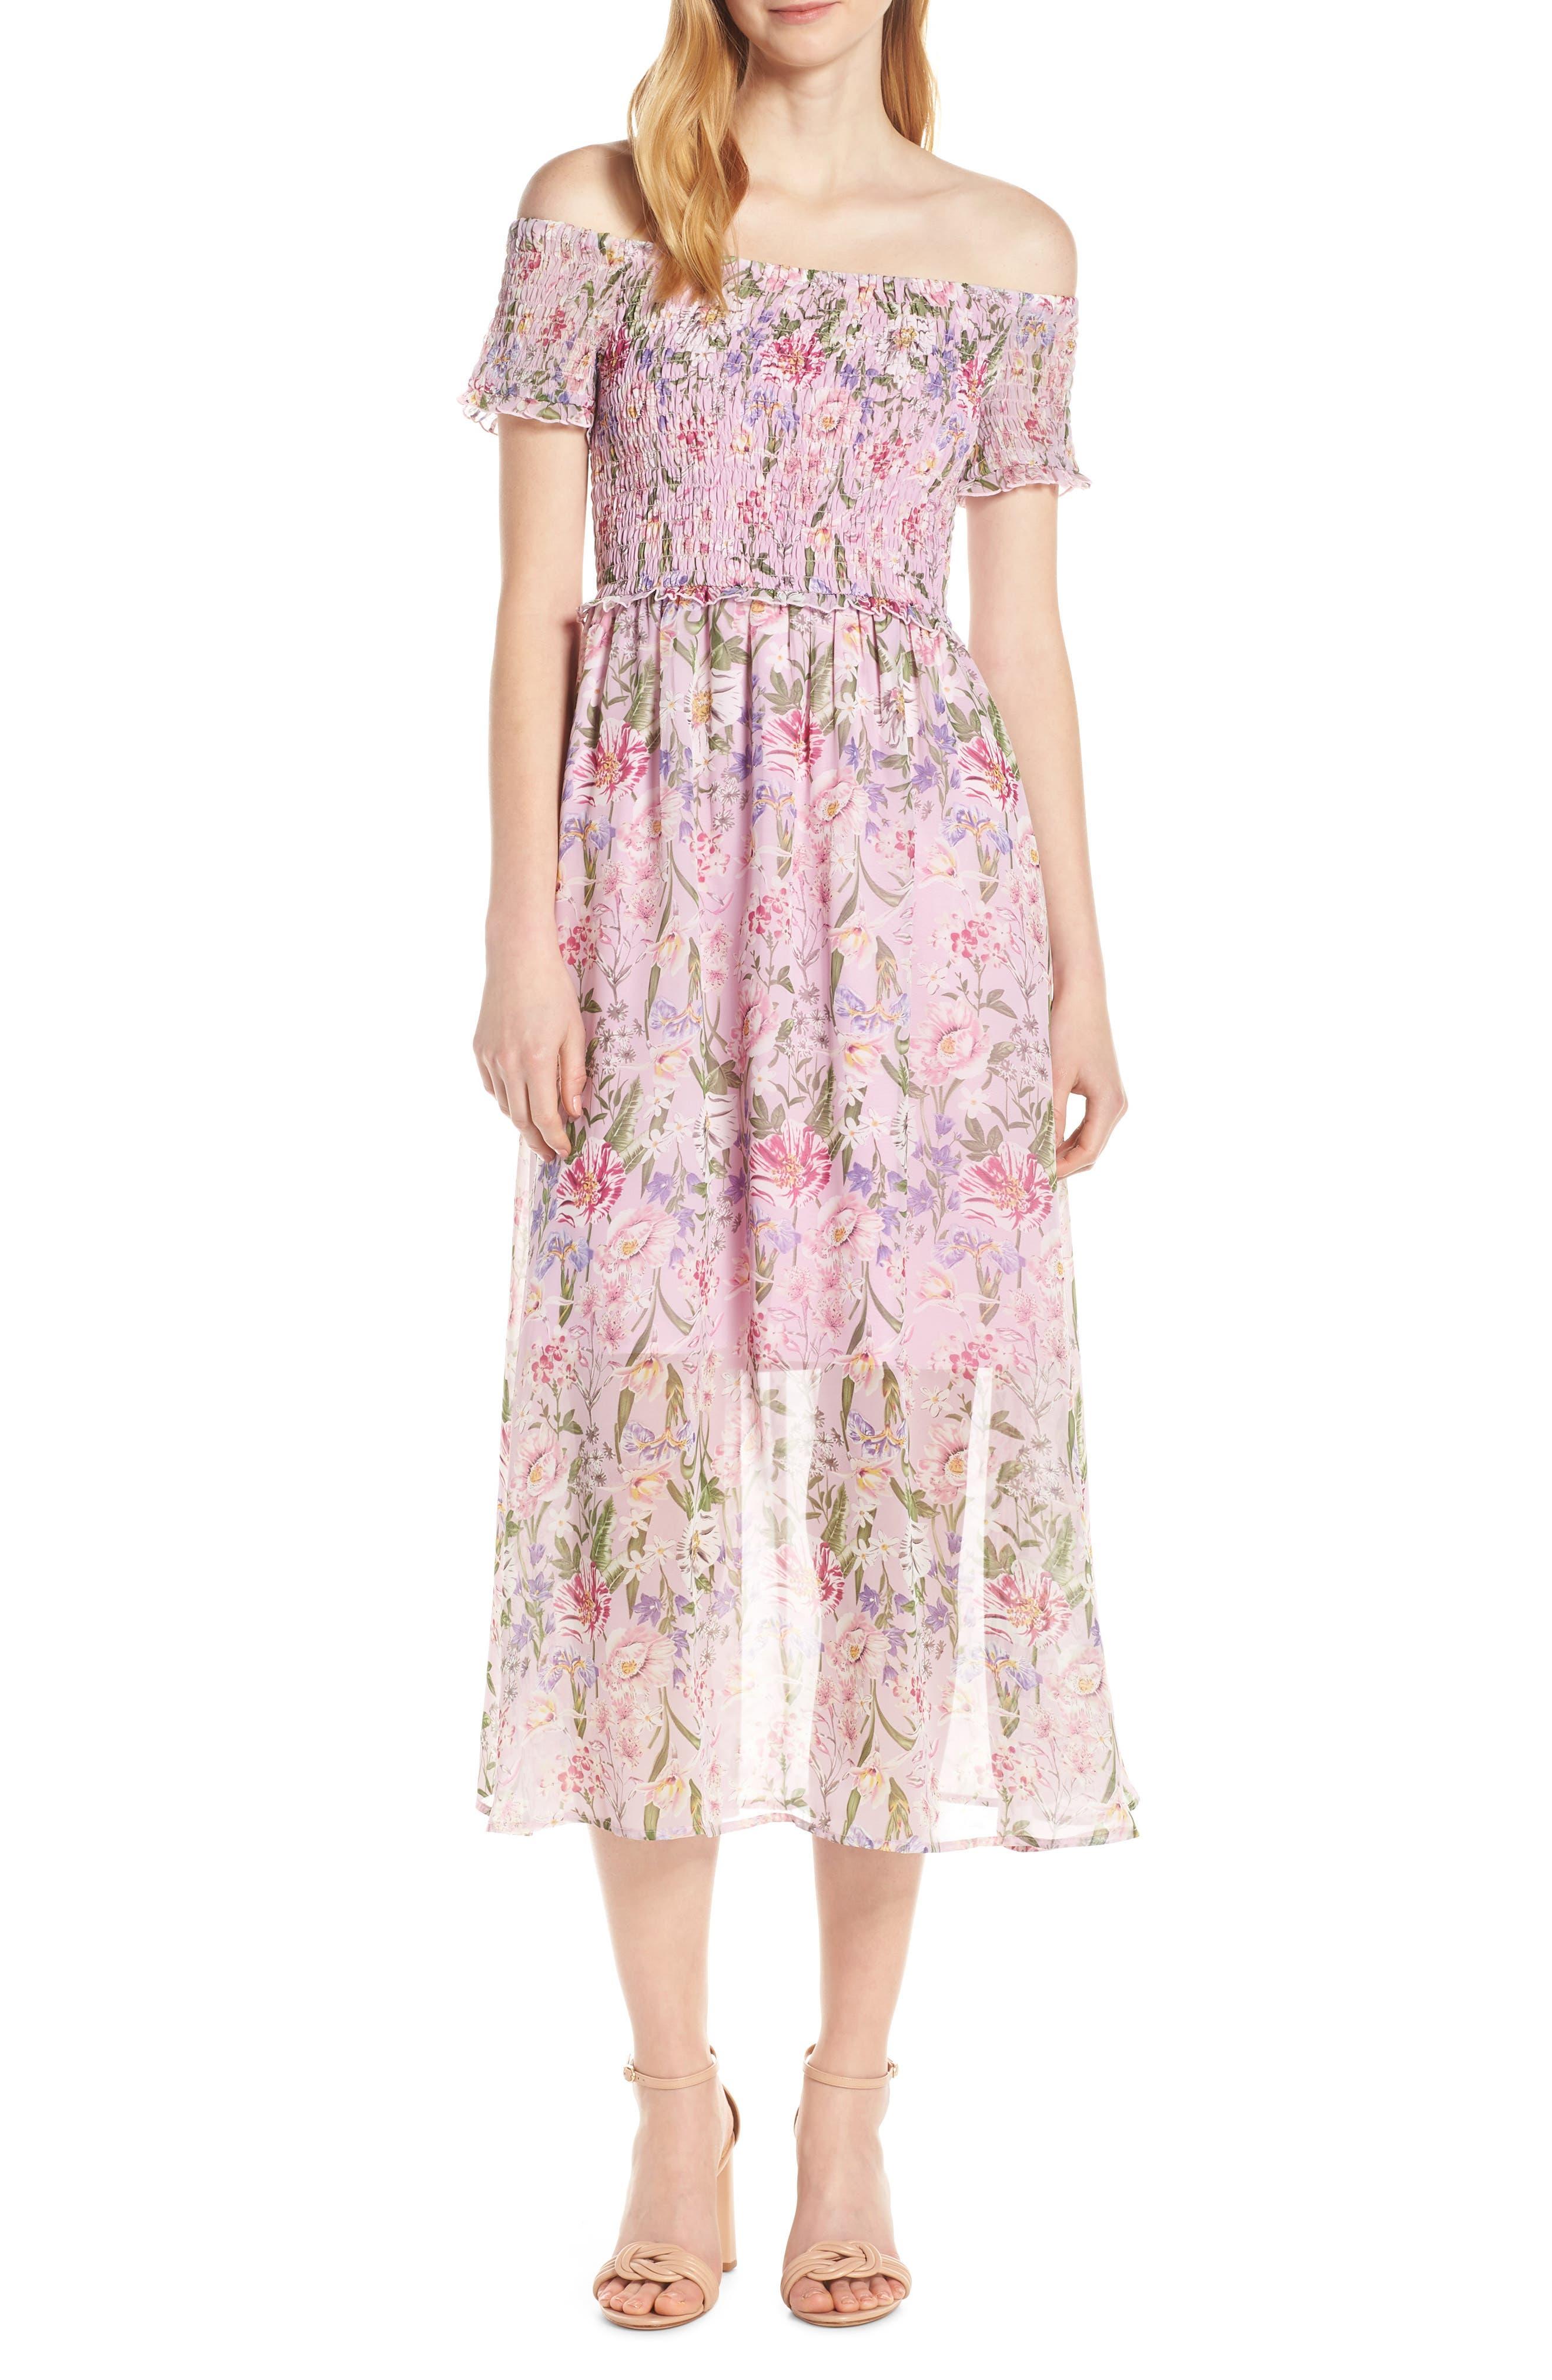 Sam Edelman Smocked Off The Shoulder Dress, Pink